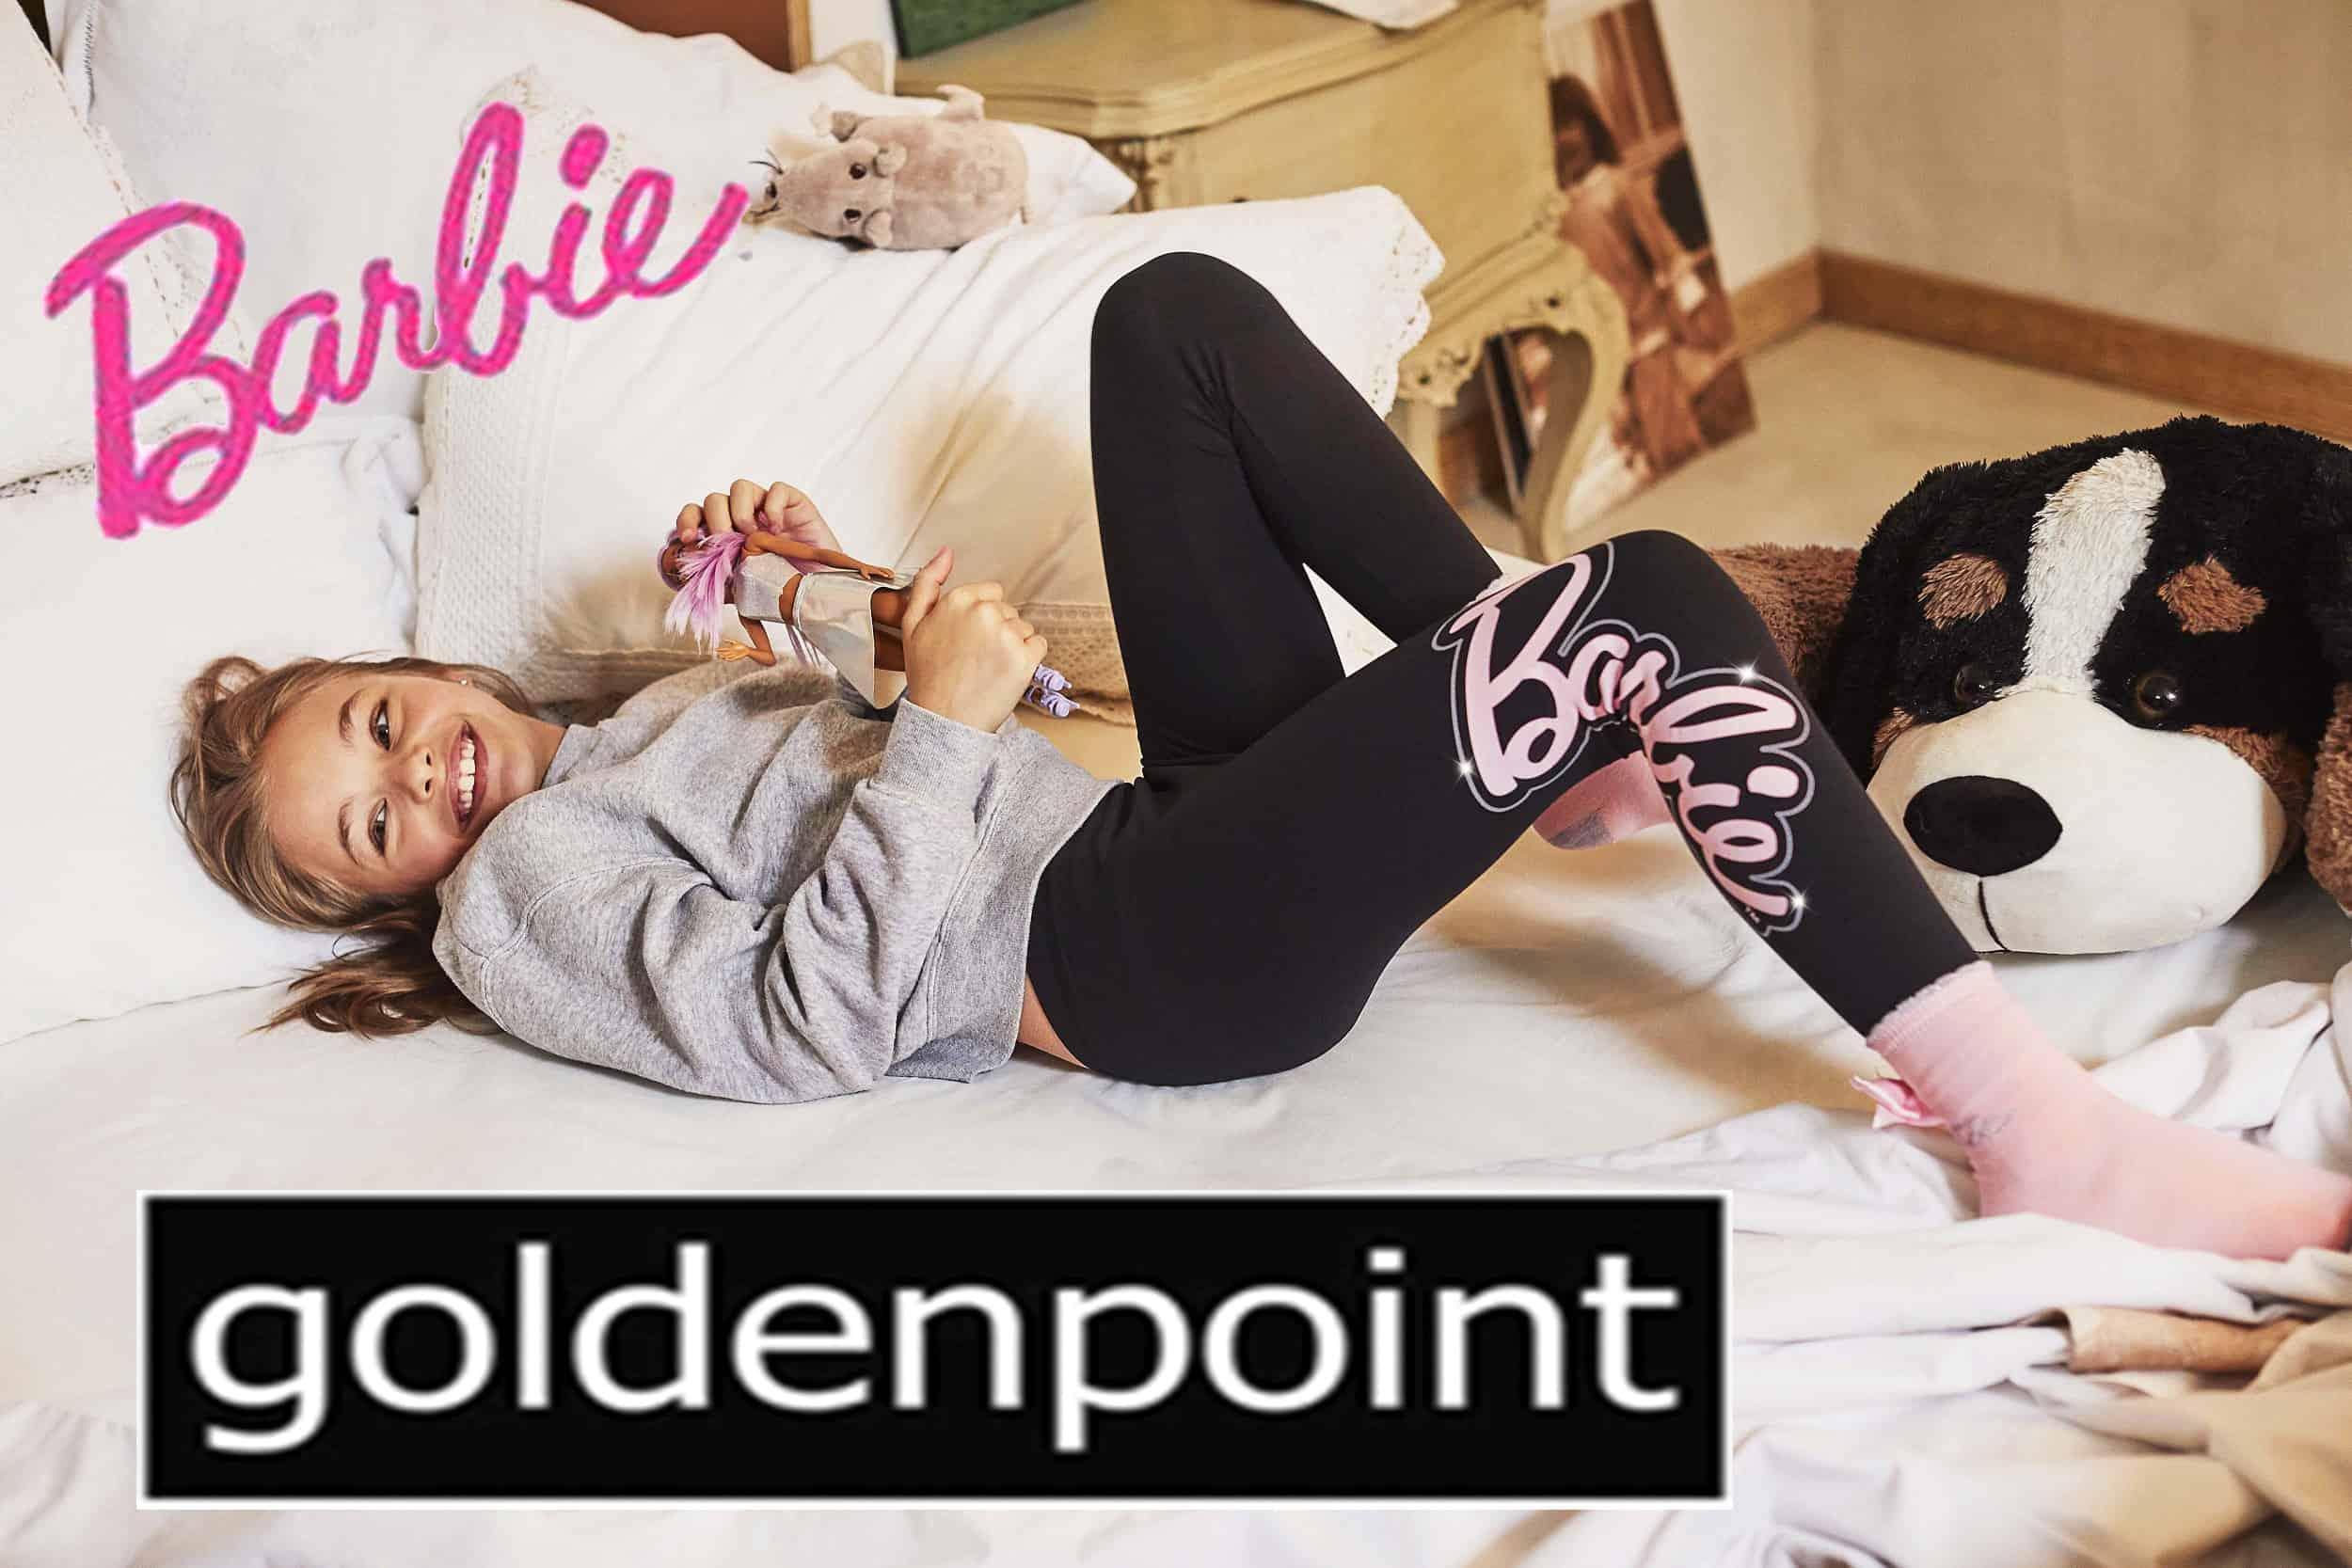 Barbie per Goldenpoint: una collaborazione unica